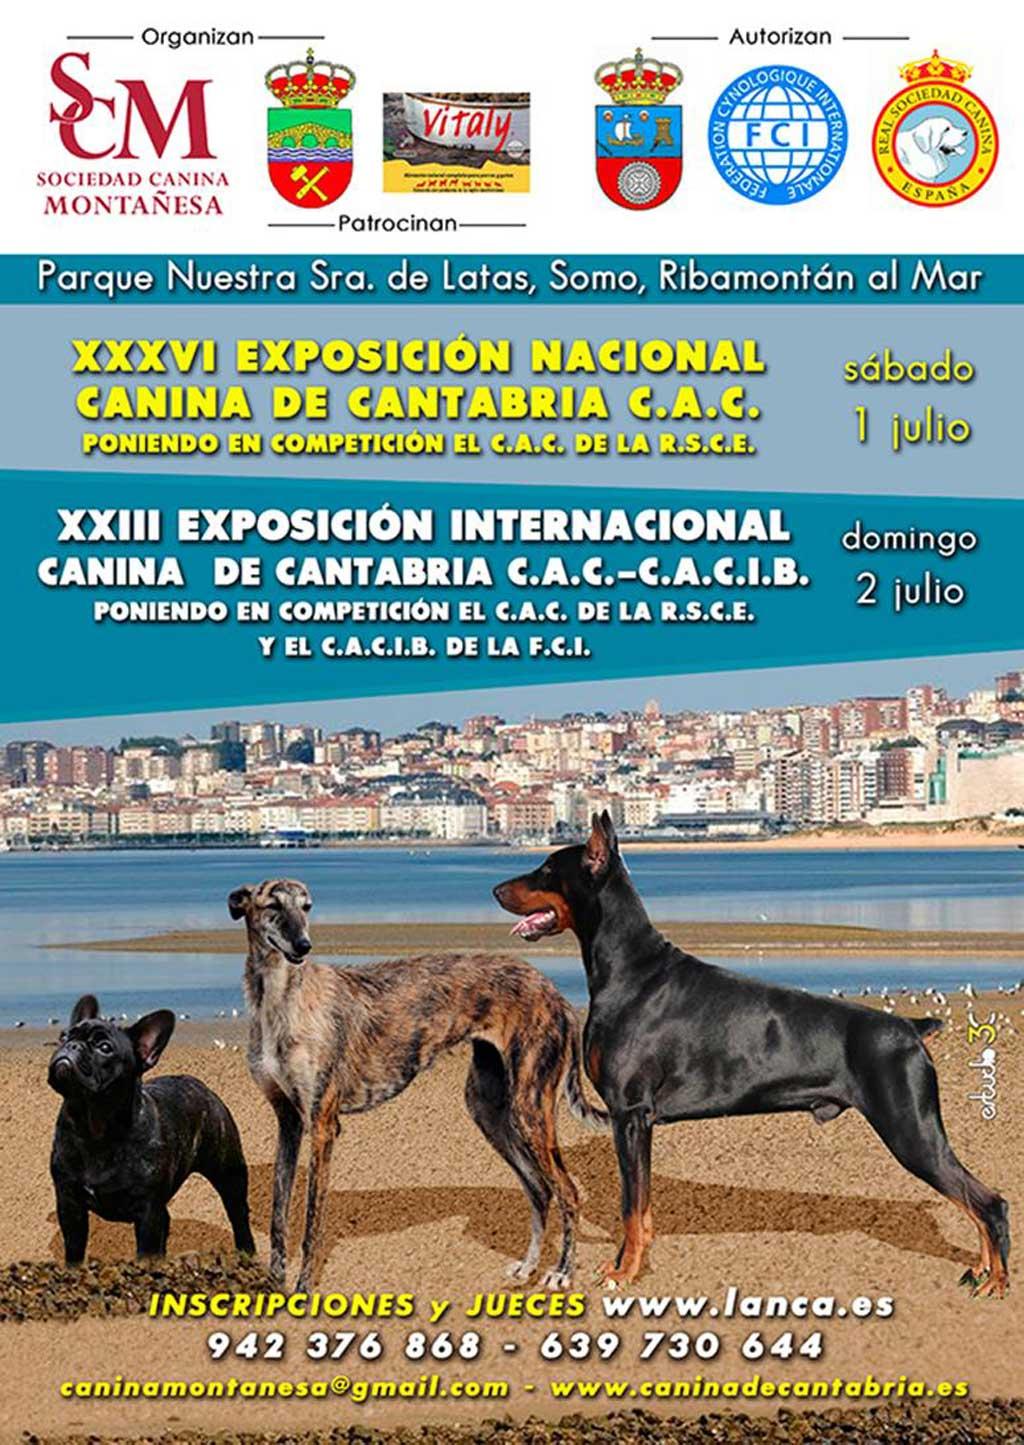 Más de 1.300 perros participarán este fin de semana en varias exposiciones caninas en Cantabria.